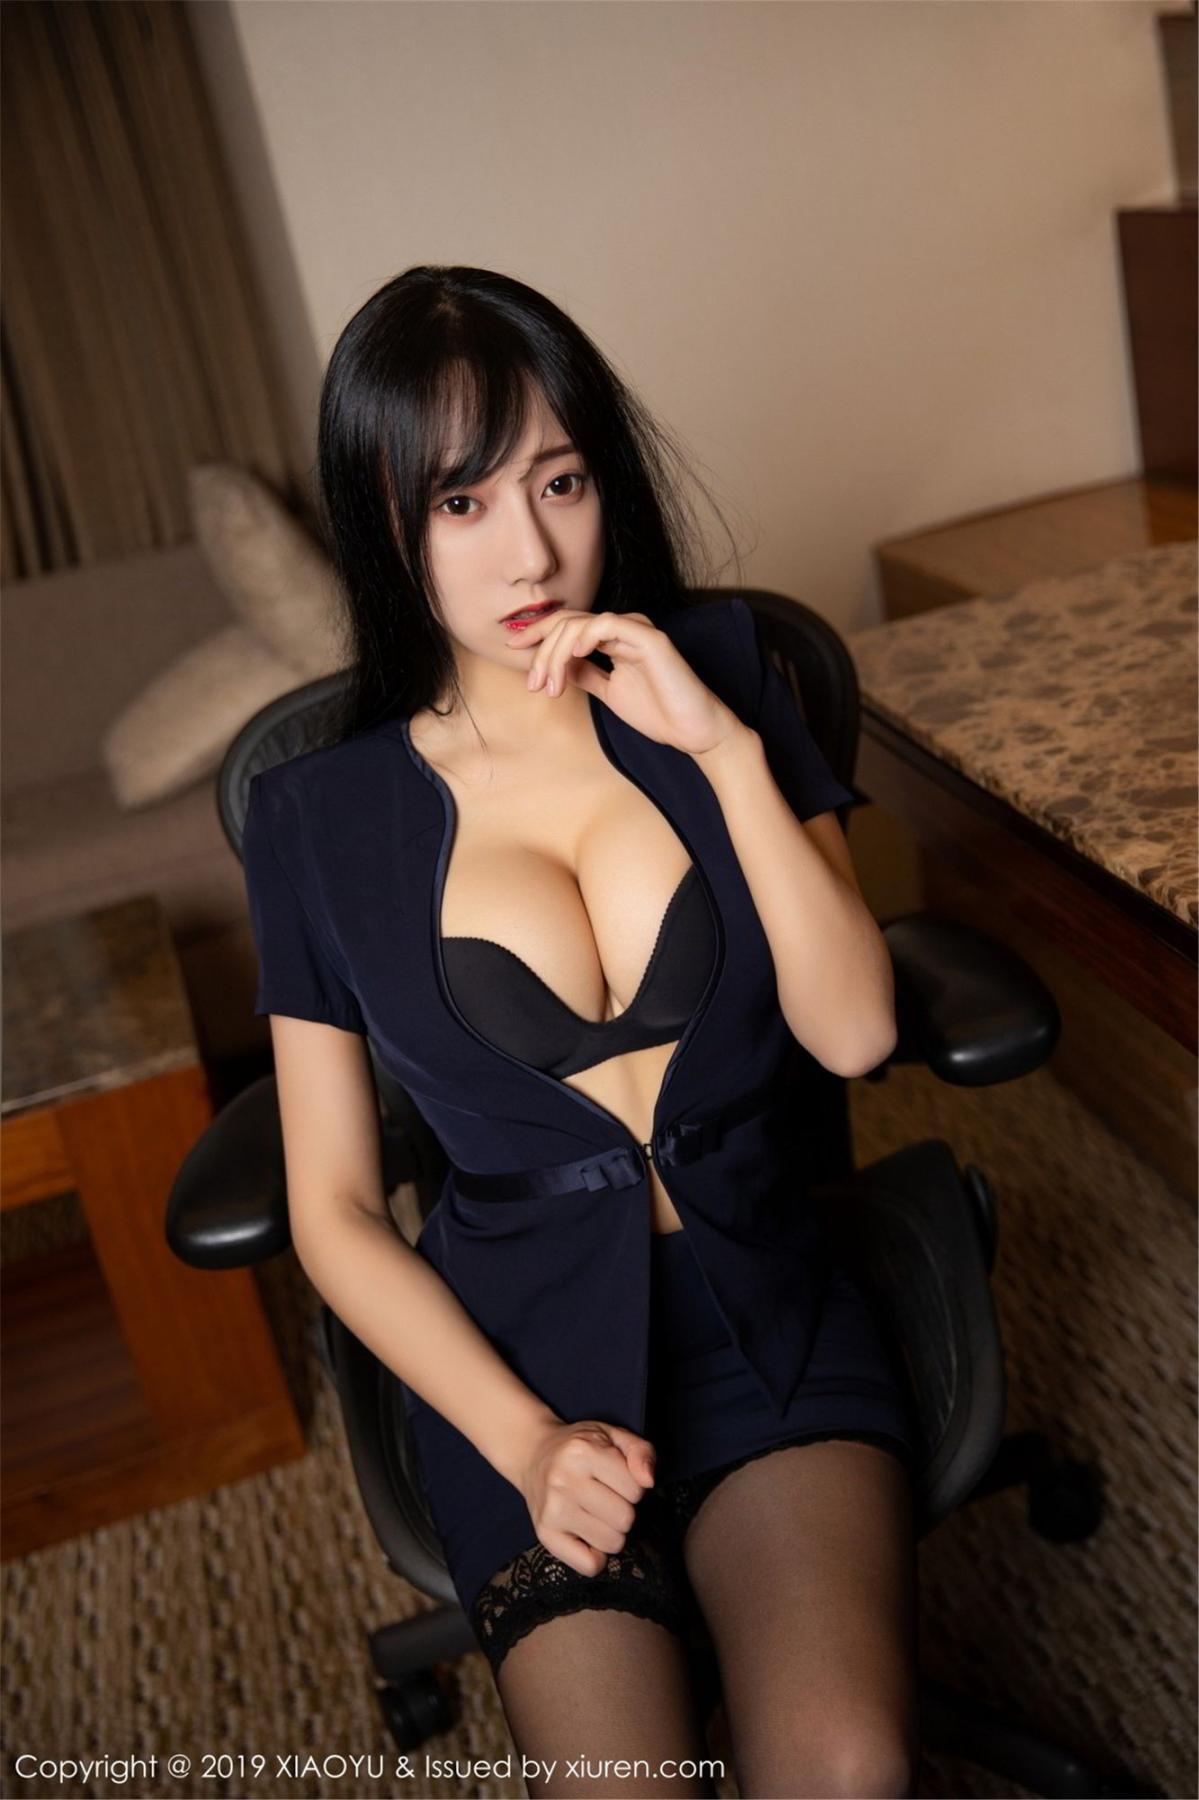 [XiaoYu] Vol.068 He Jia Ying 16P, Black Silk, He Jia Ying, Uniform, XiaoYu